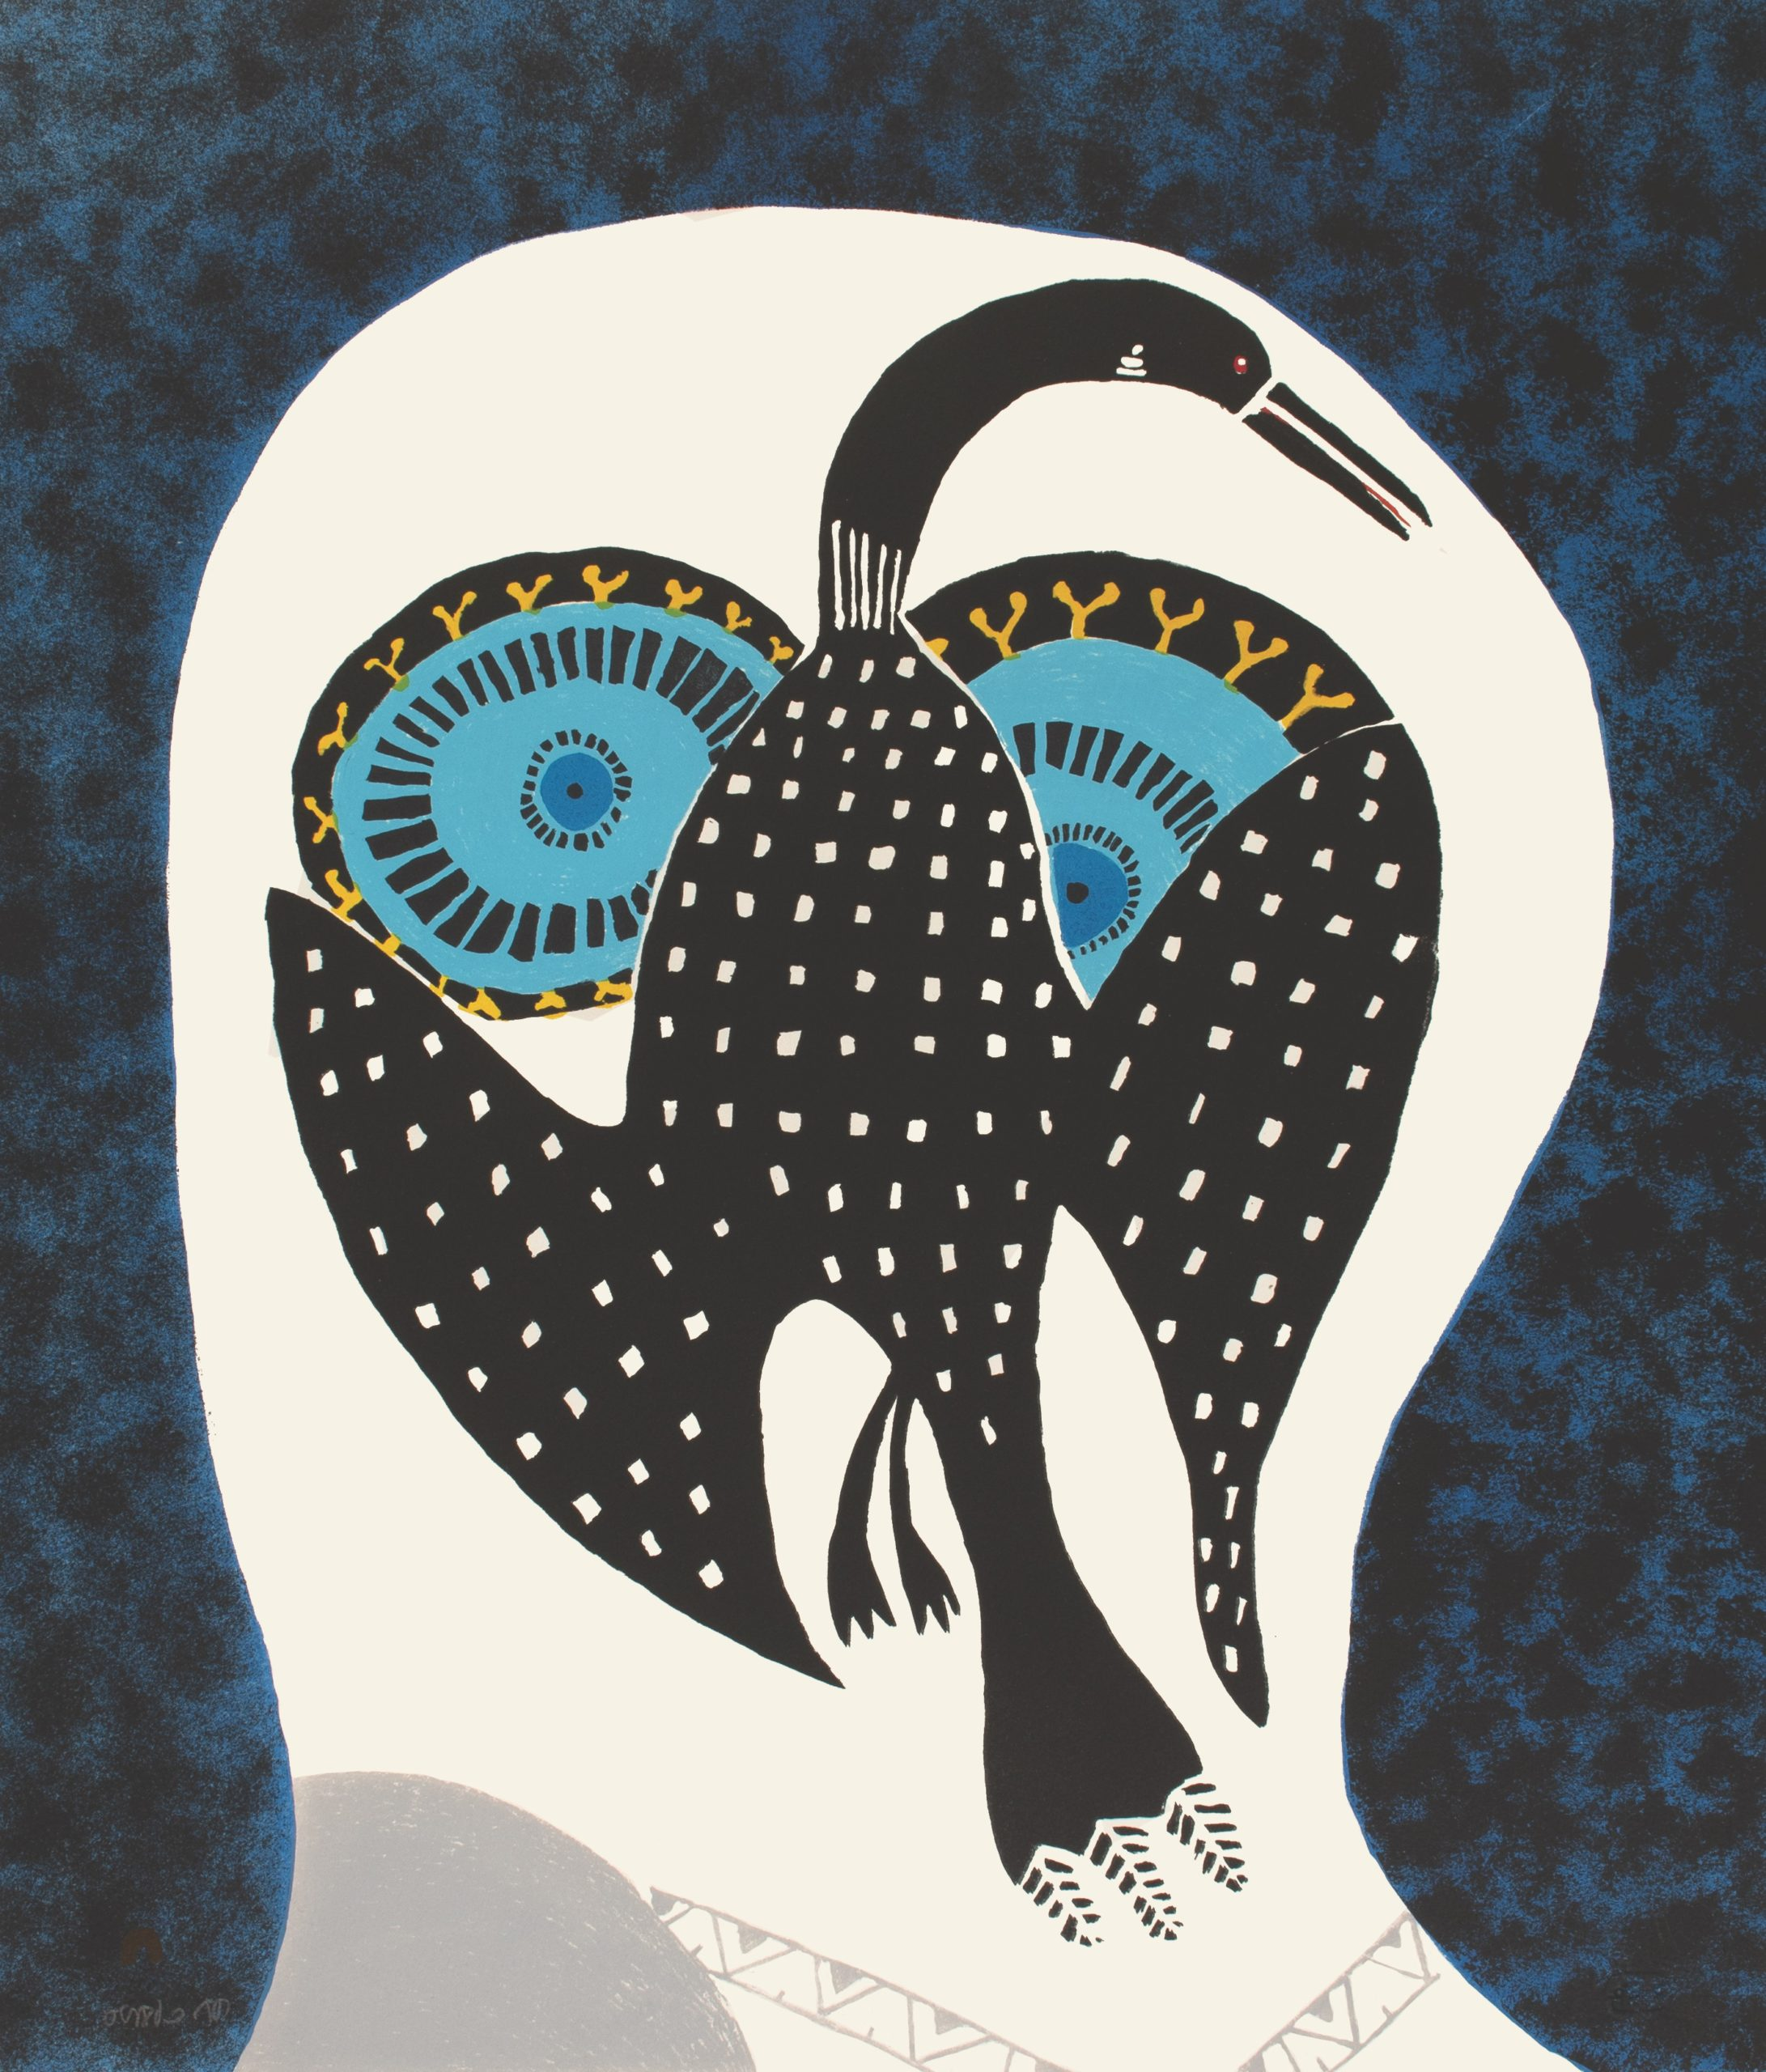 Owl Dreams of Loon by Ningiukulu Teevee